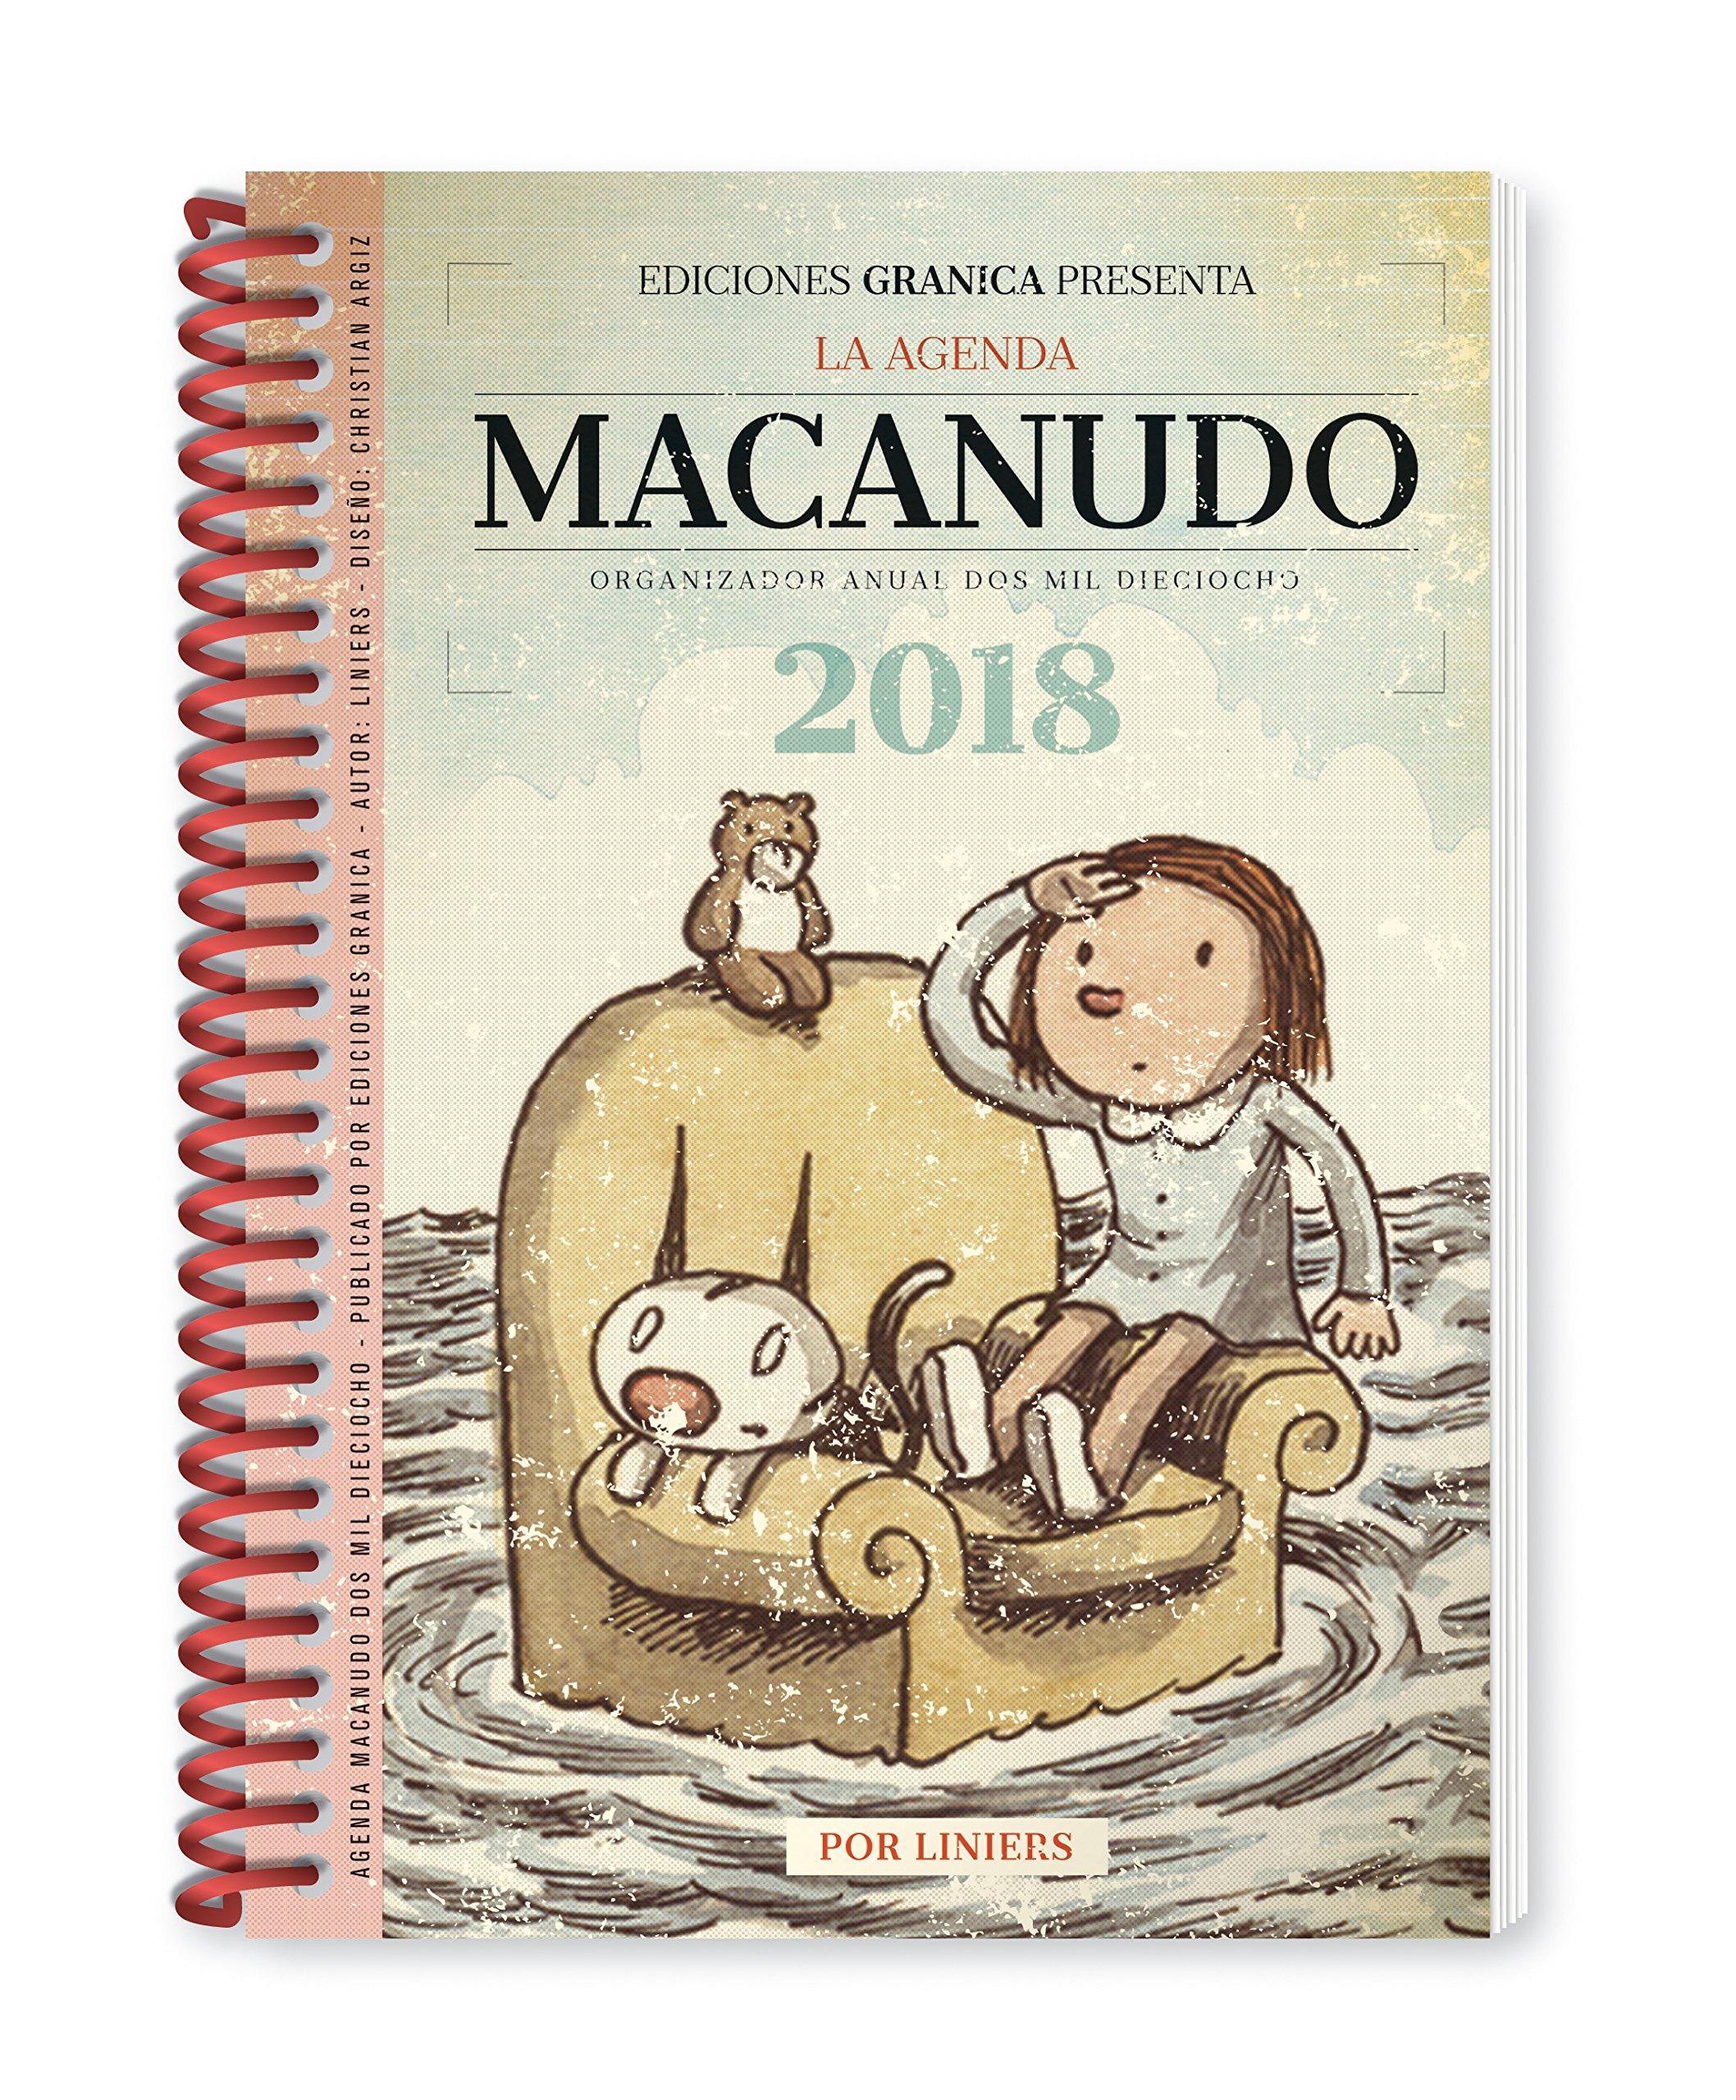 Granica Macanudo Enriqueta - Agenda anillada: Amazon.es: Libros